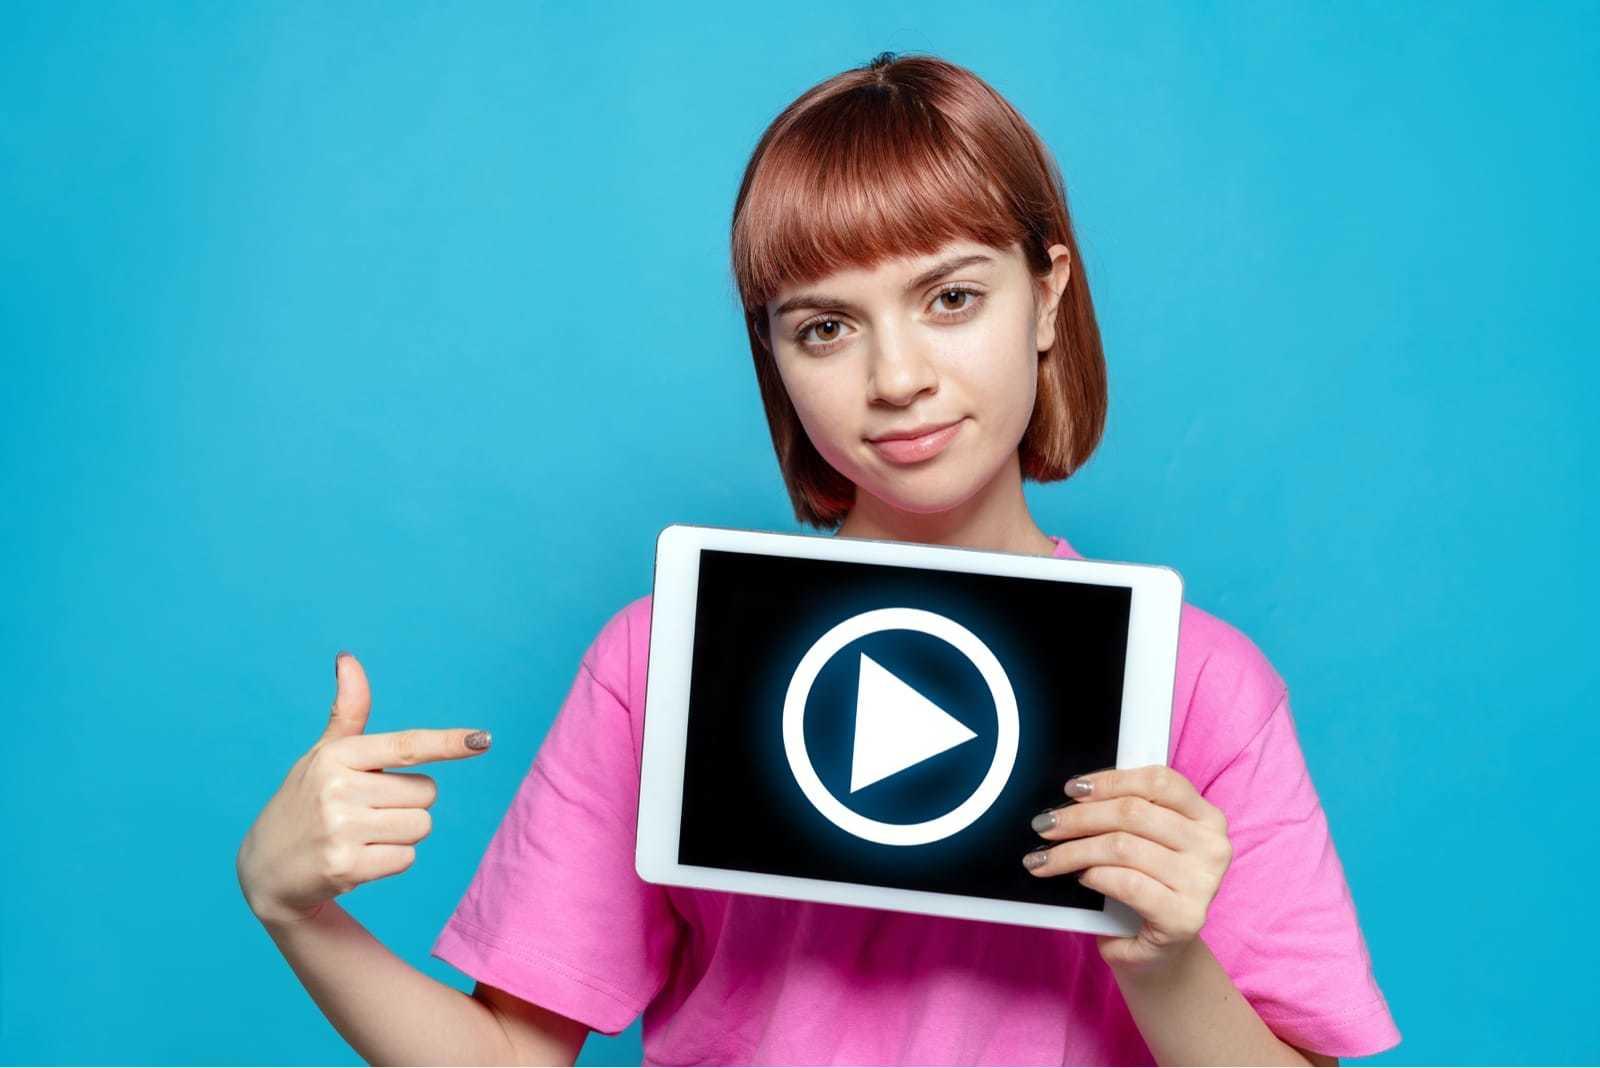 動画を見せる少女